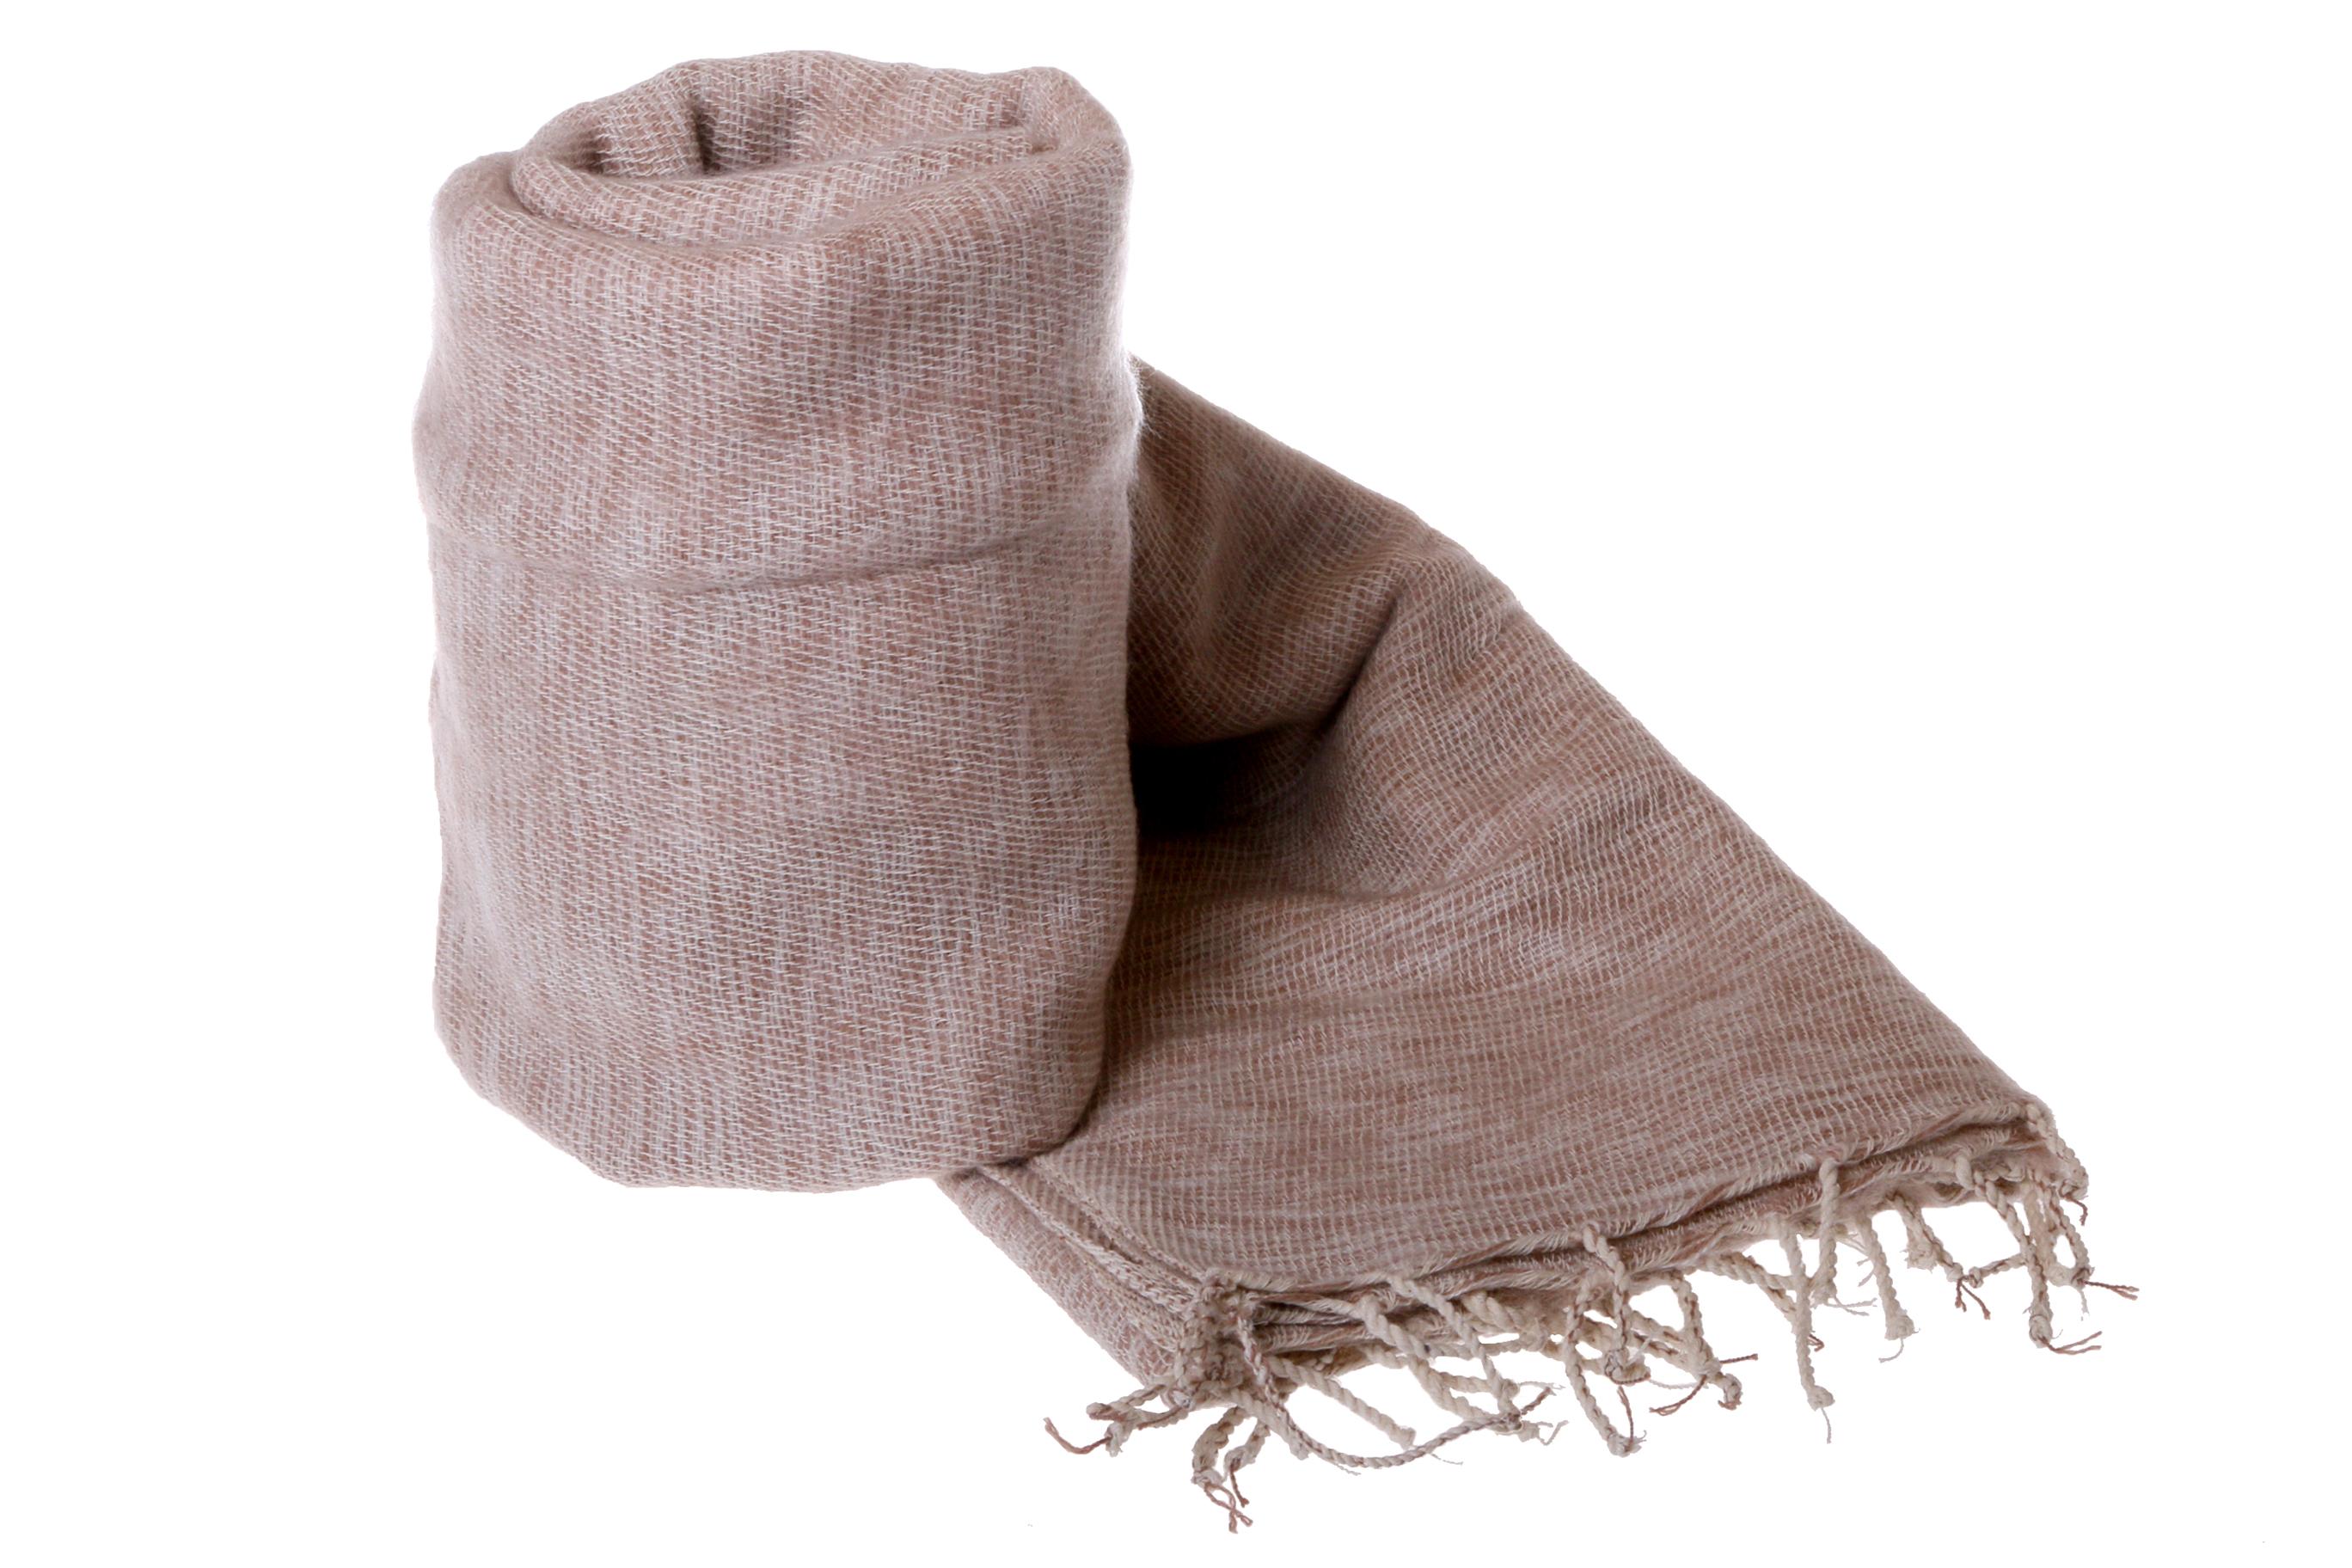 2abbc80f8eaa57 Schafwoll-Stola - Handarbeit aus Nepal - Schals in versch. Farben ...